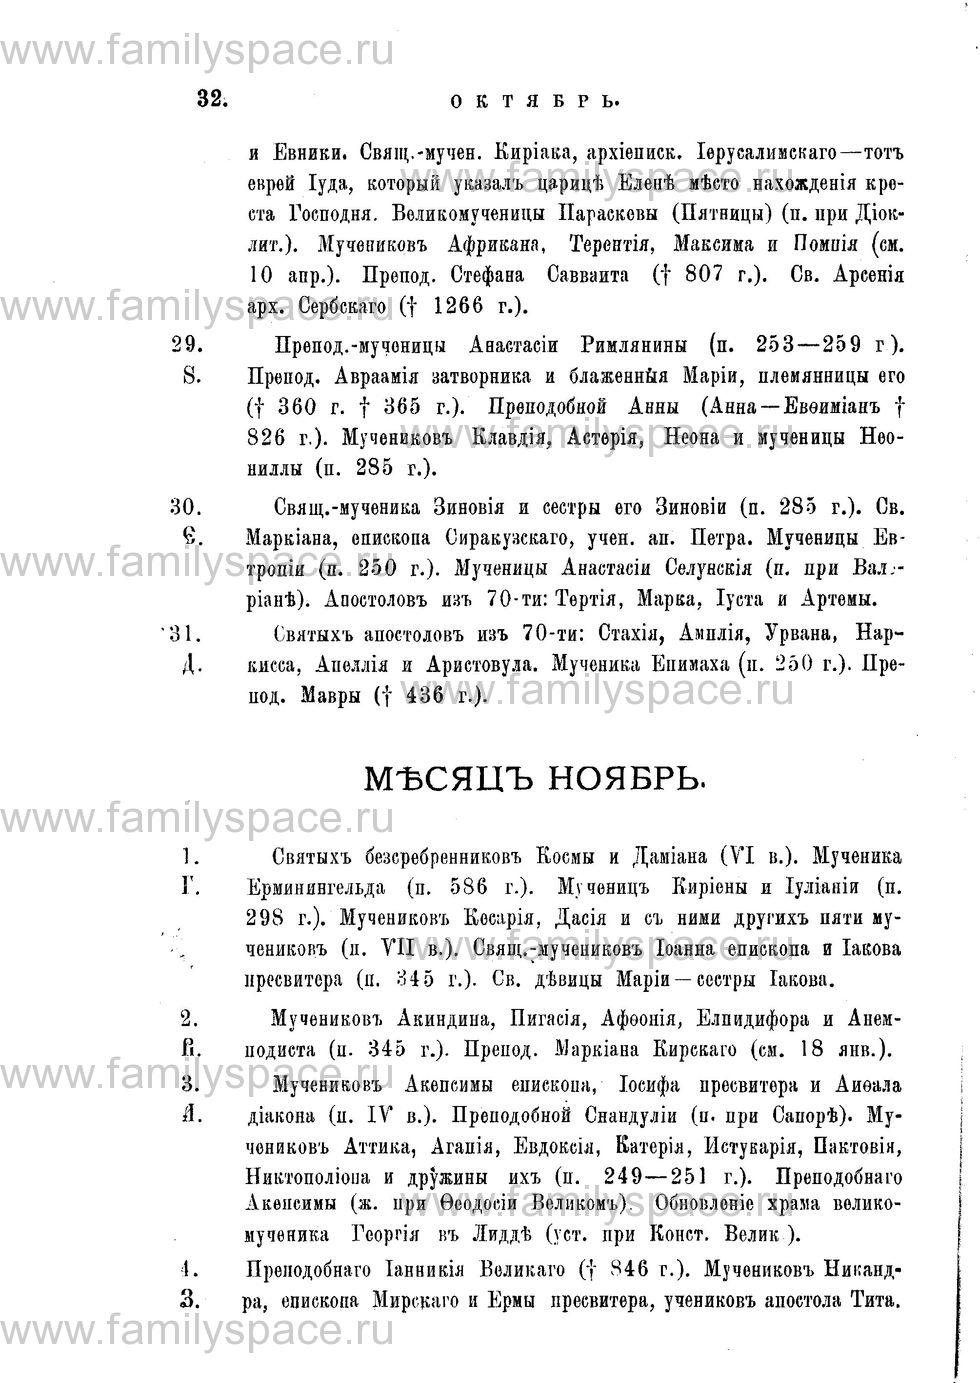 Поиск по фамилии - Адрес-календарь Нижегородской епархии на 1888 год, страница 1032